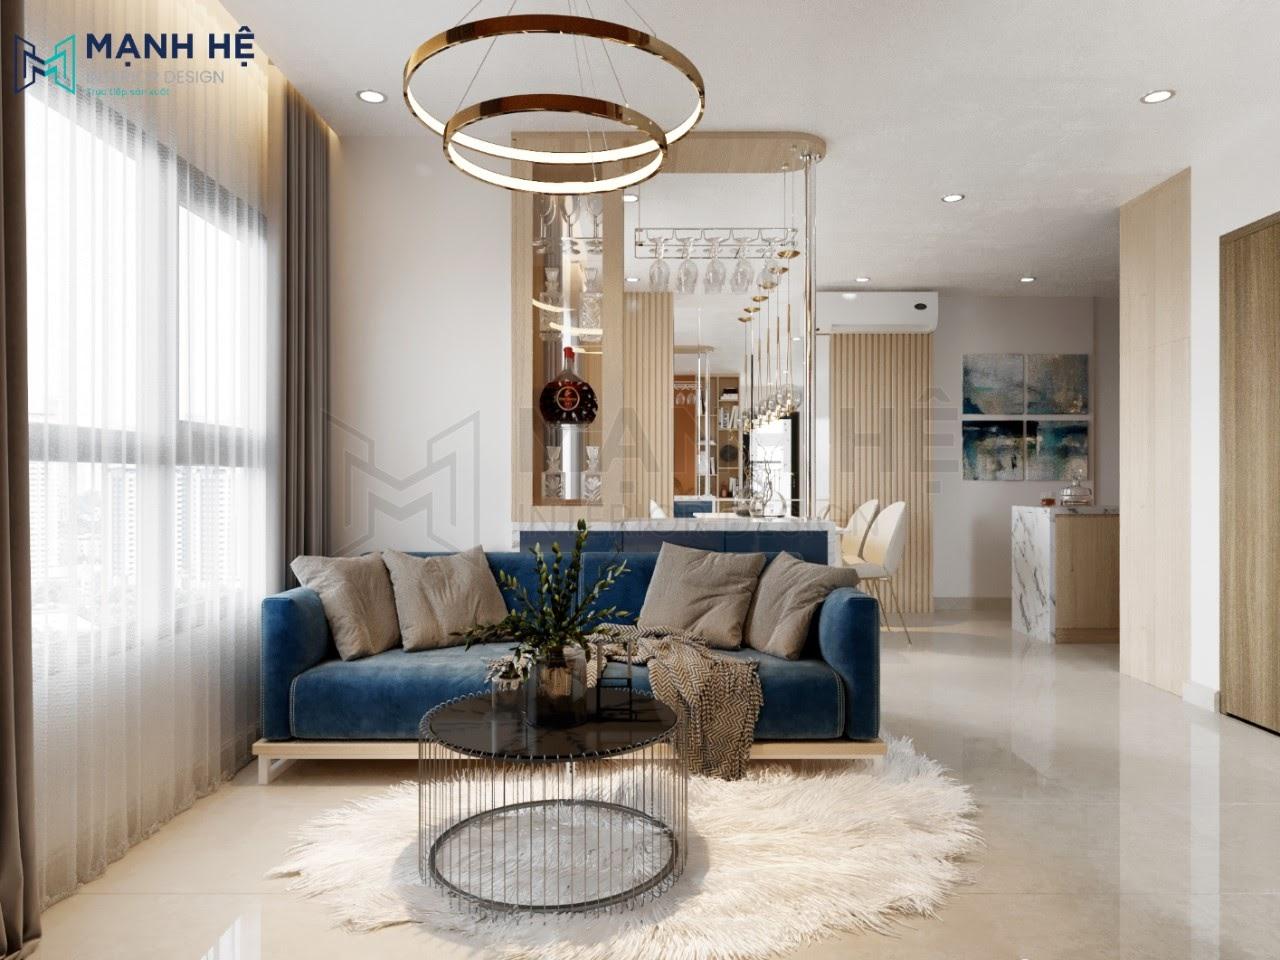 Ghế sofa bọc nhung màu xanh coban tạo điểm nhấn đặc biệt cho nội thất căn phòng khách bếp